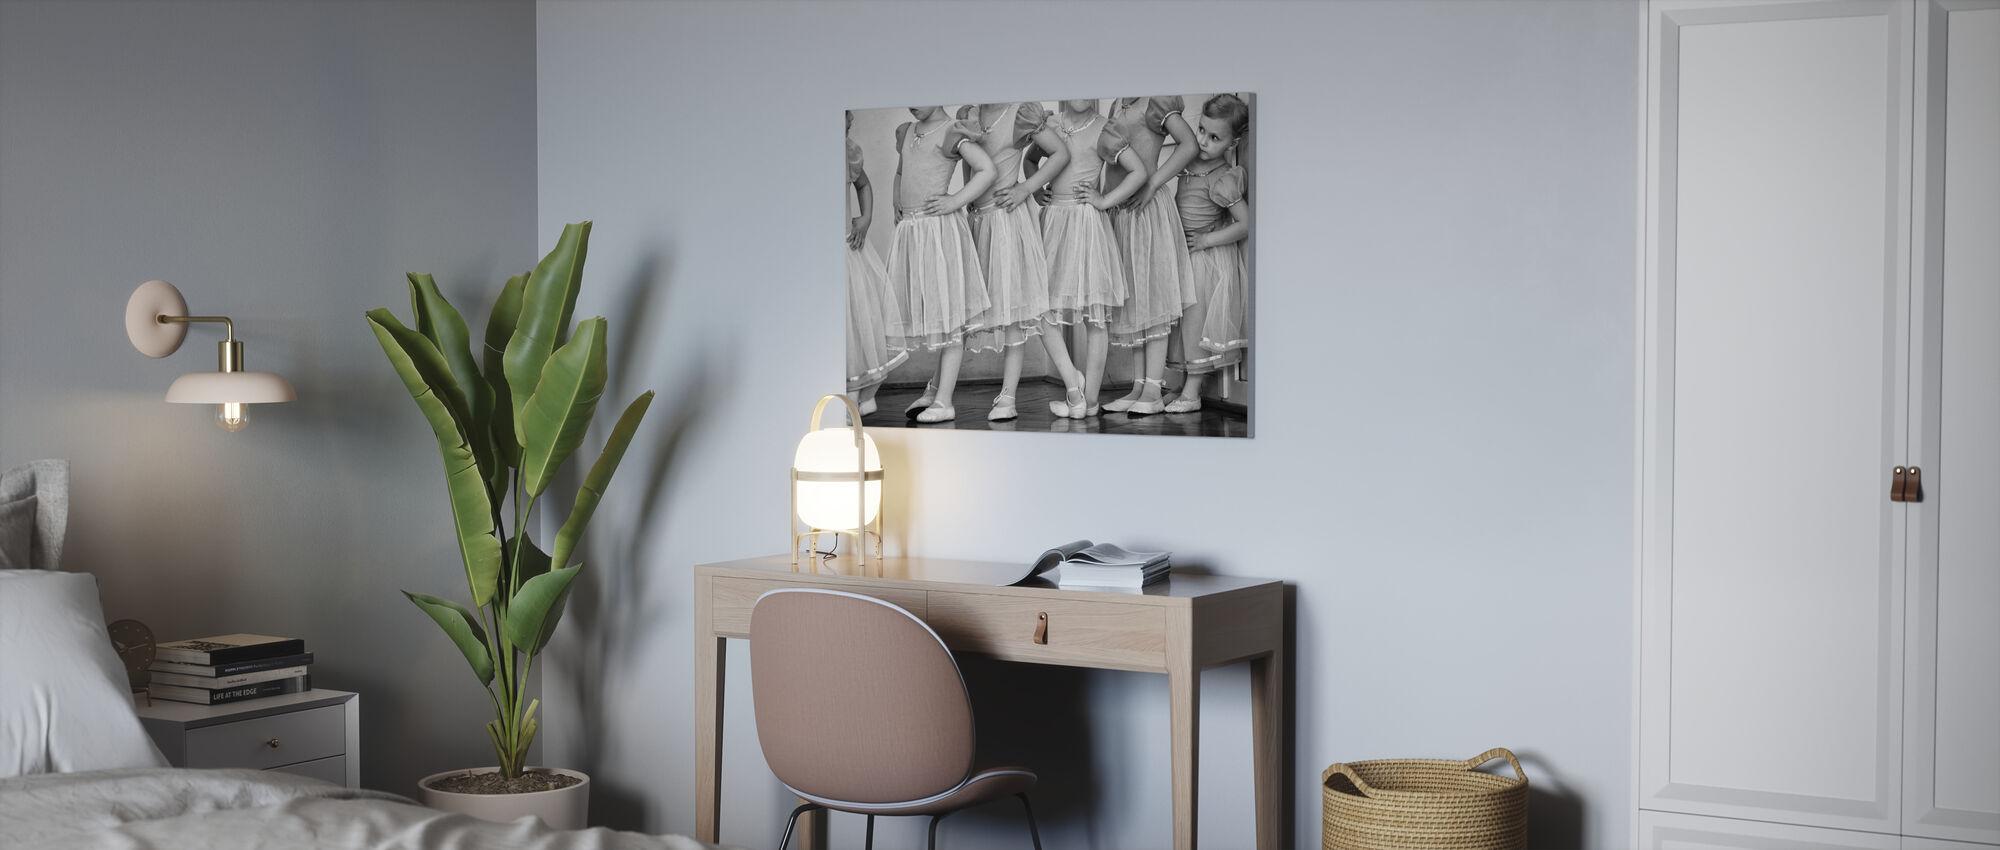 Ballerina - Canvas print - Office